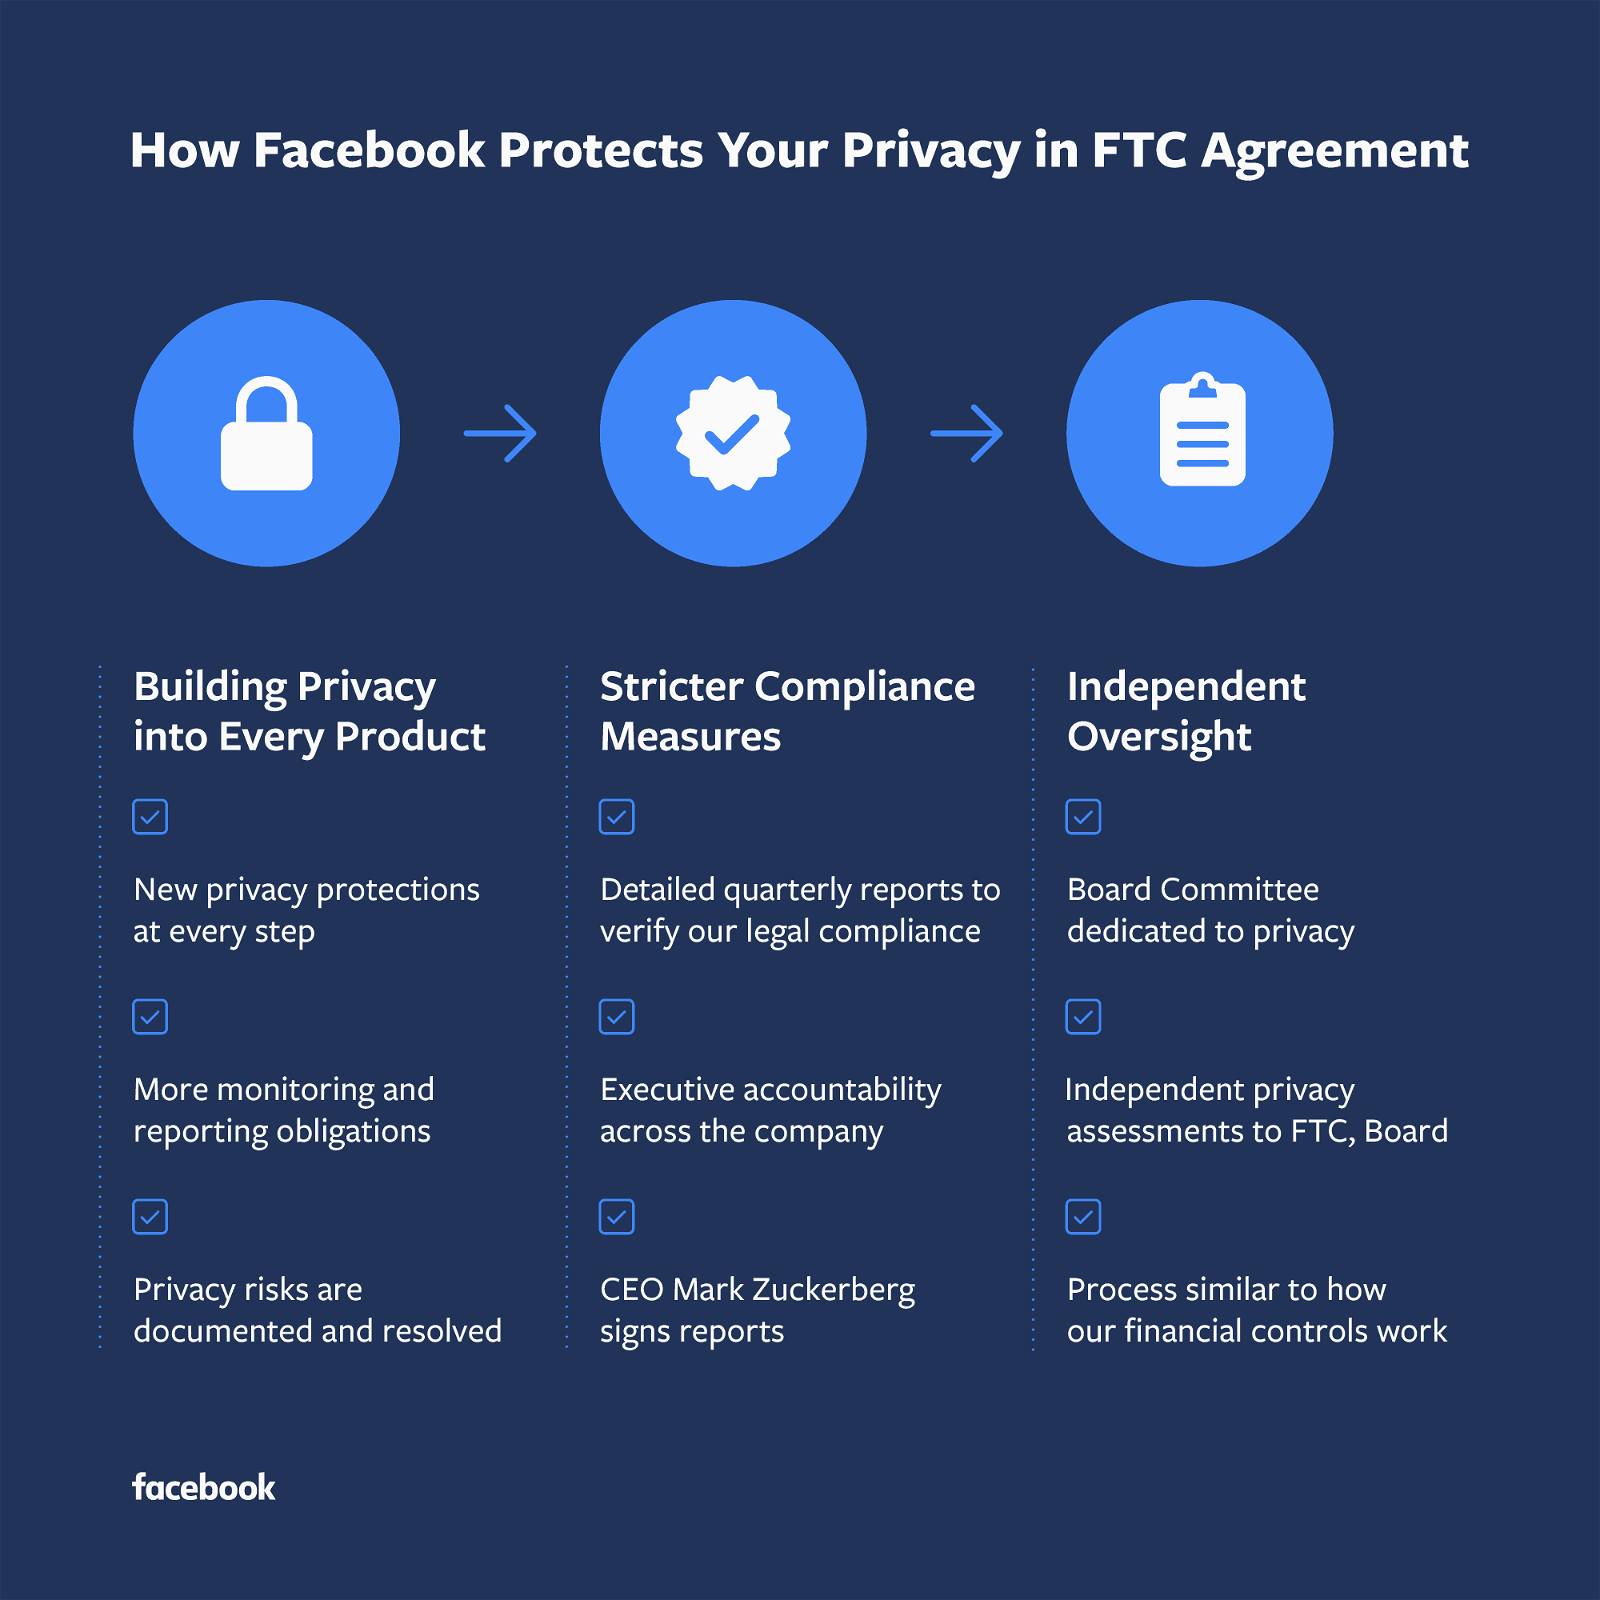 Facebook nuove regole per la privacy FTC